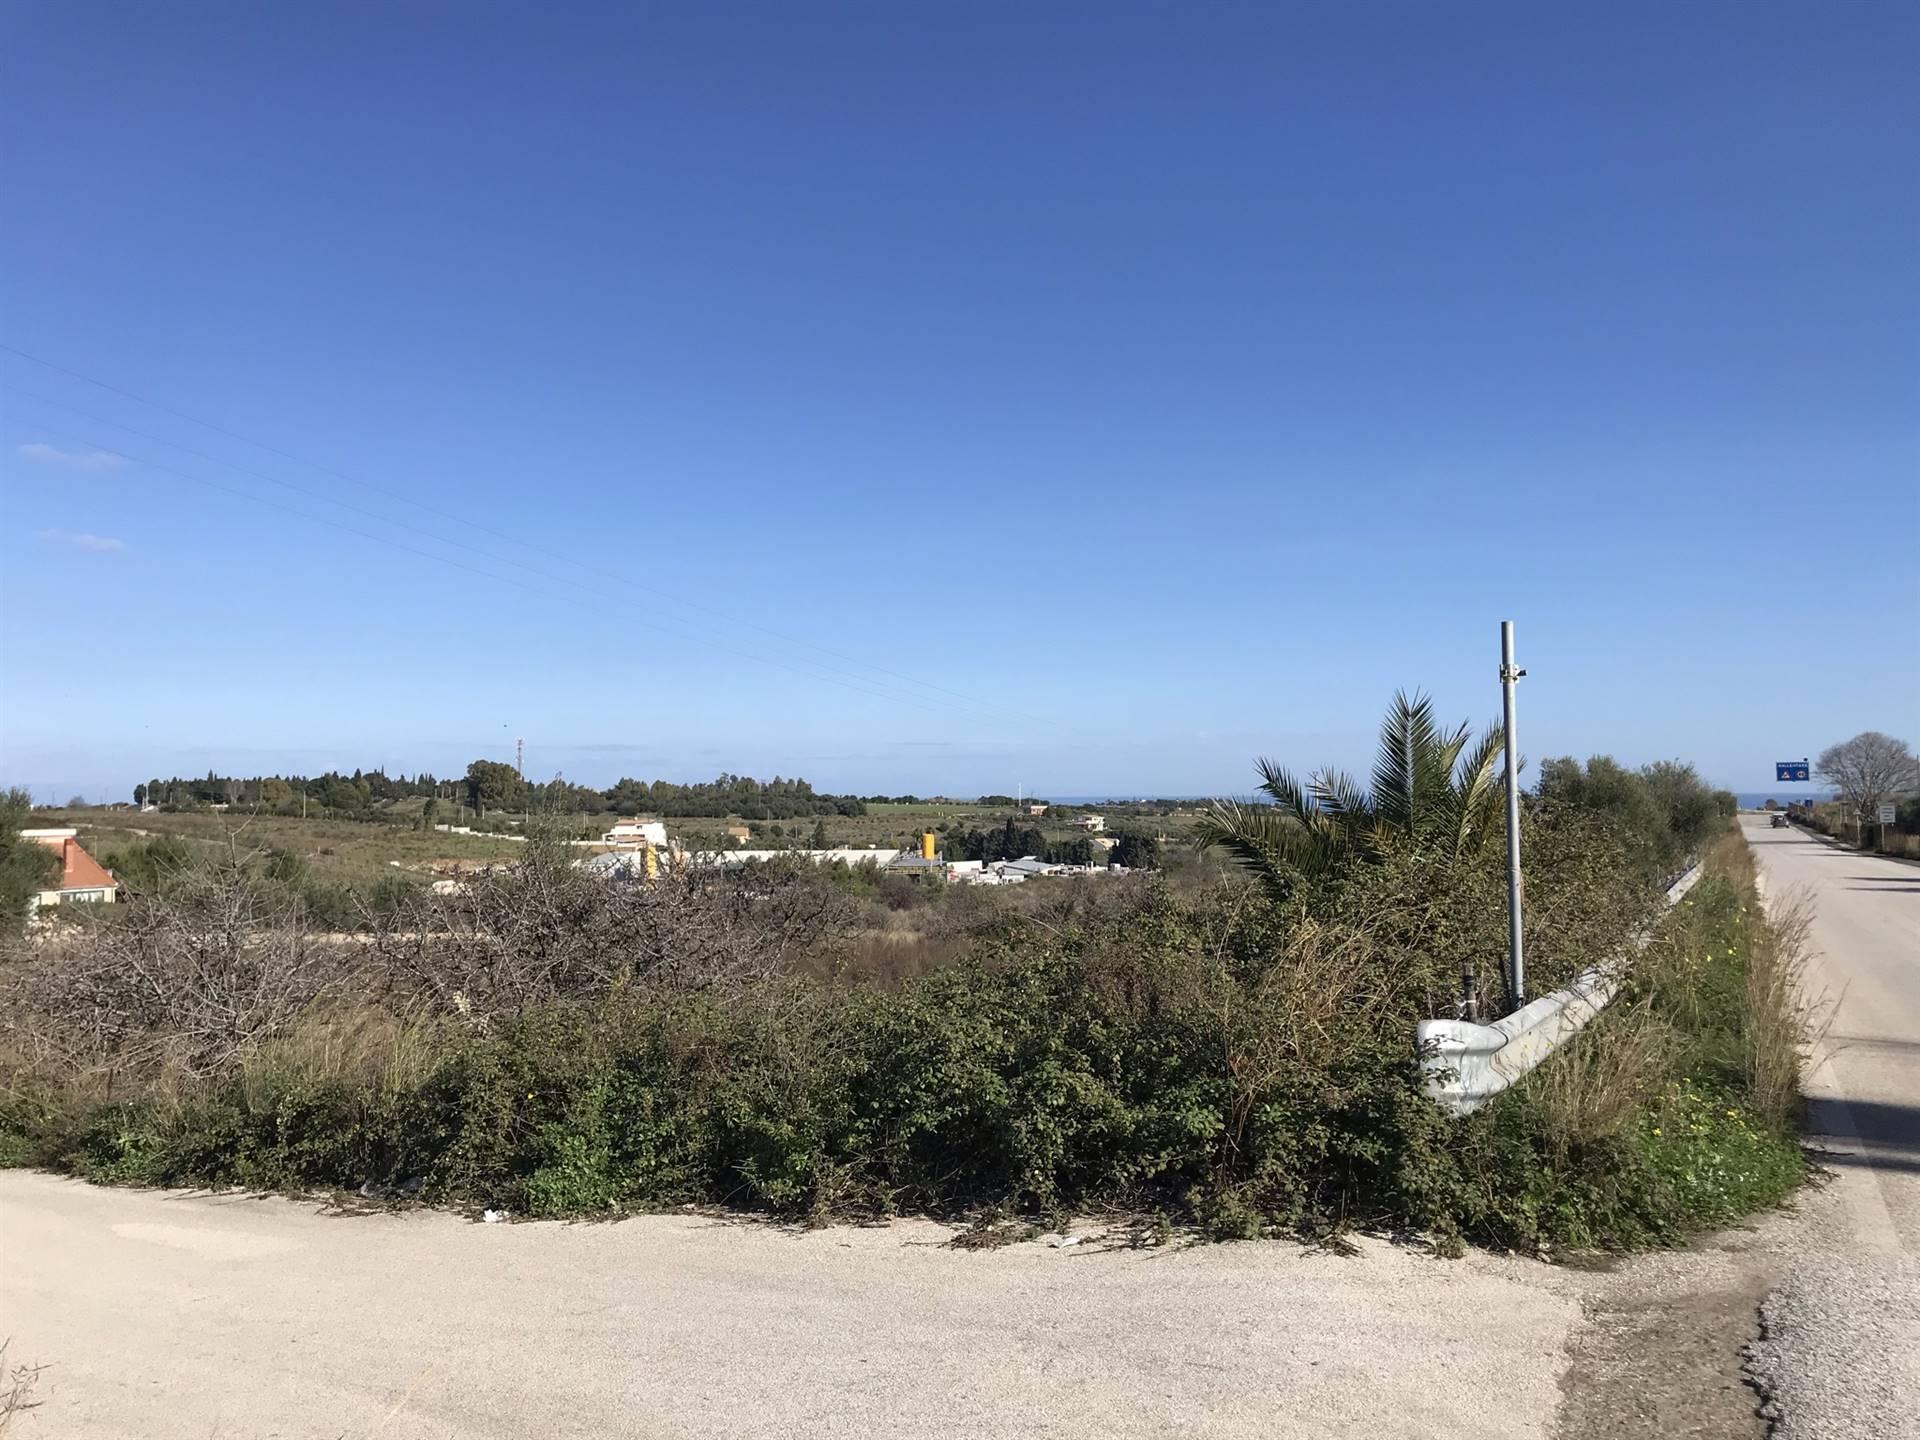 Terreno Agricolo in vendita a Melilli, 9999 locali, zona Zona: Villasmundo, prezzo € 25.000 | CambioCasa.it